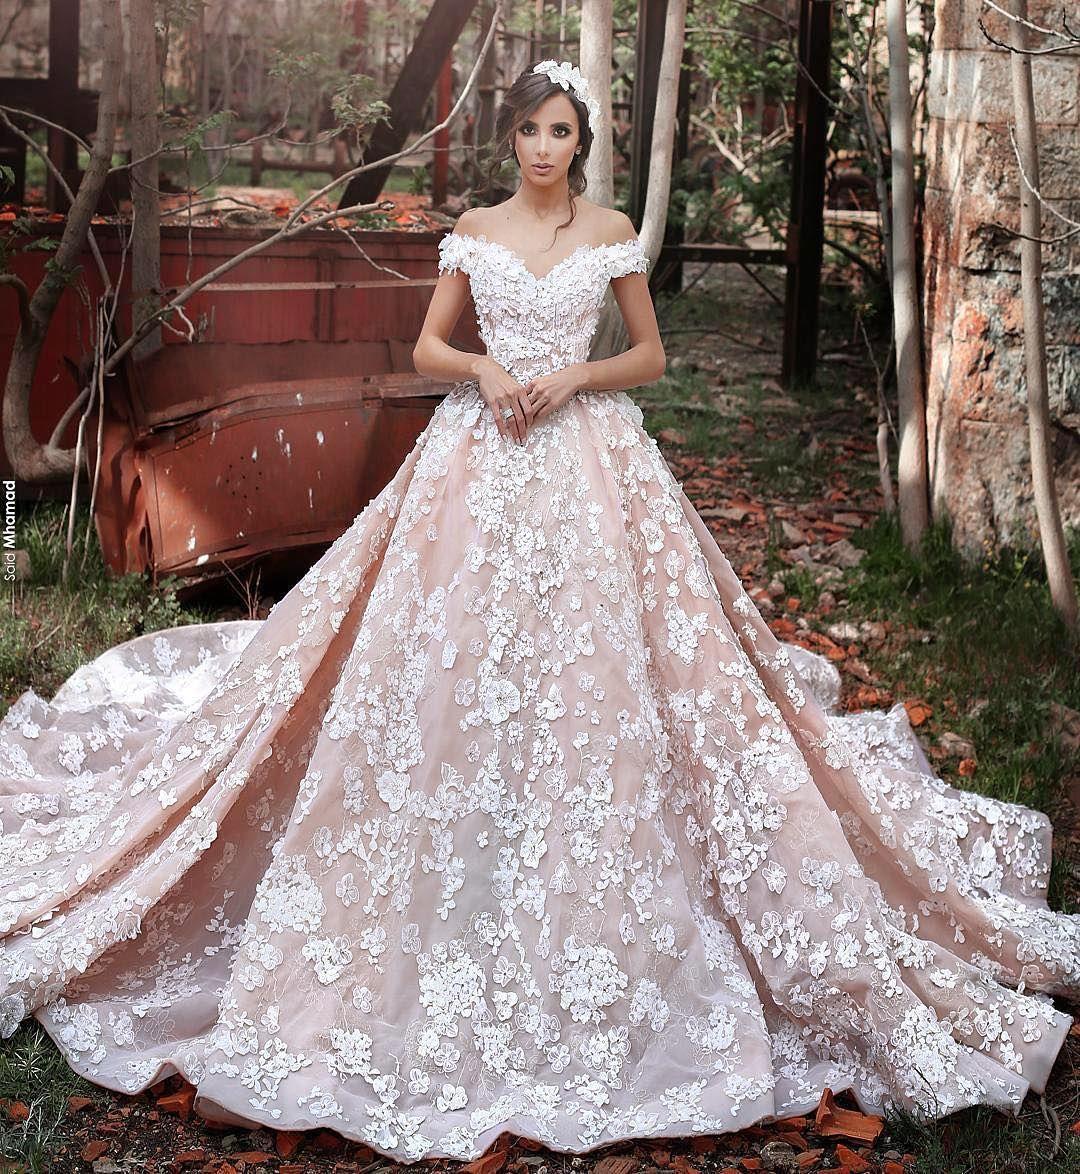 أروع فساتين الزفاف المنفوشة لإطلالة متألقة